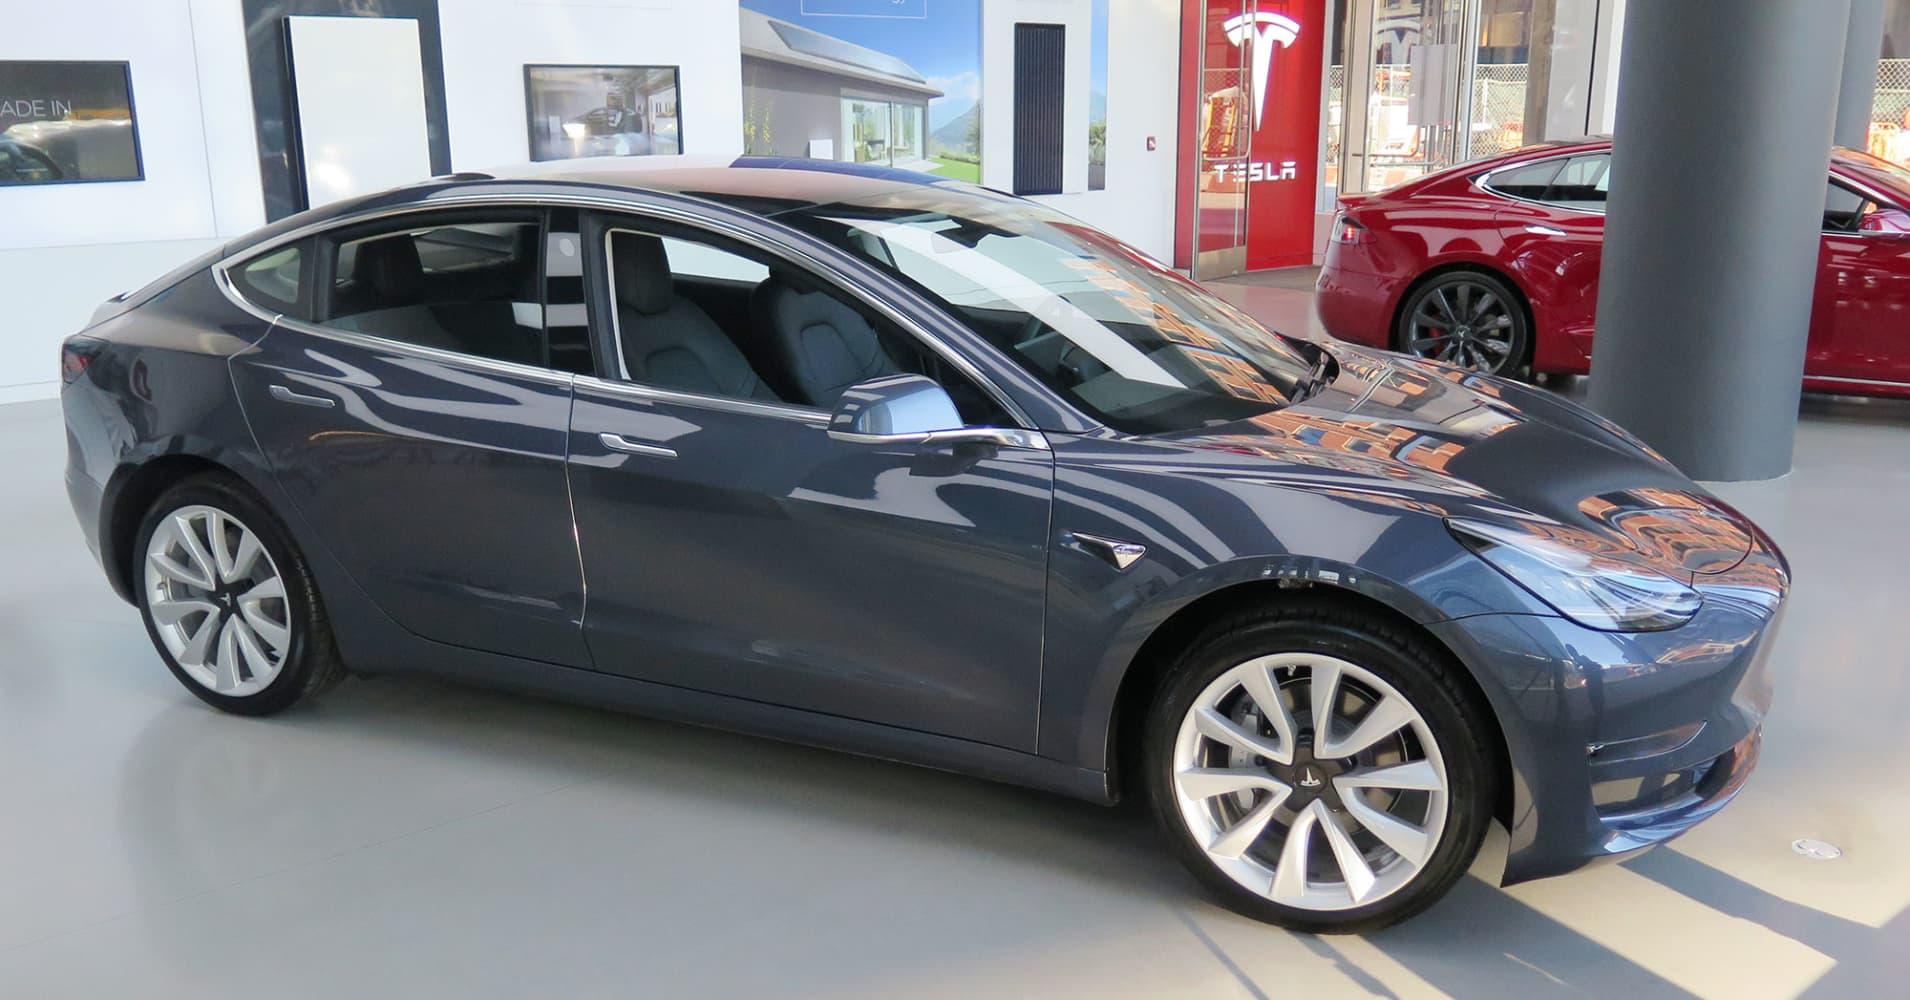 Tesla brings Model 3 to three East Coast showrooms